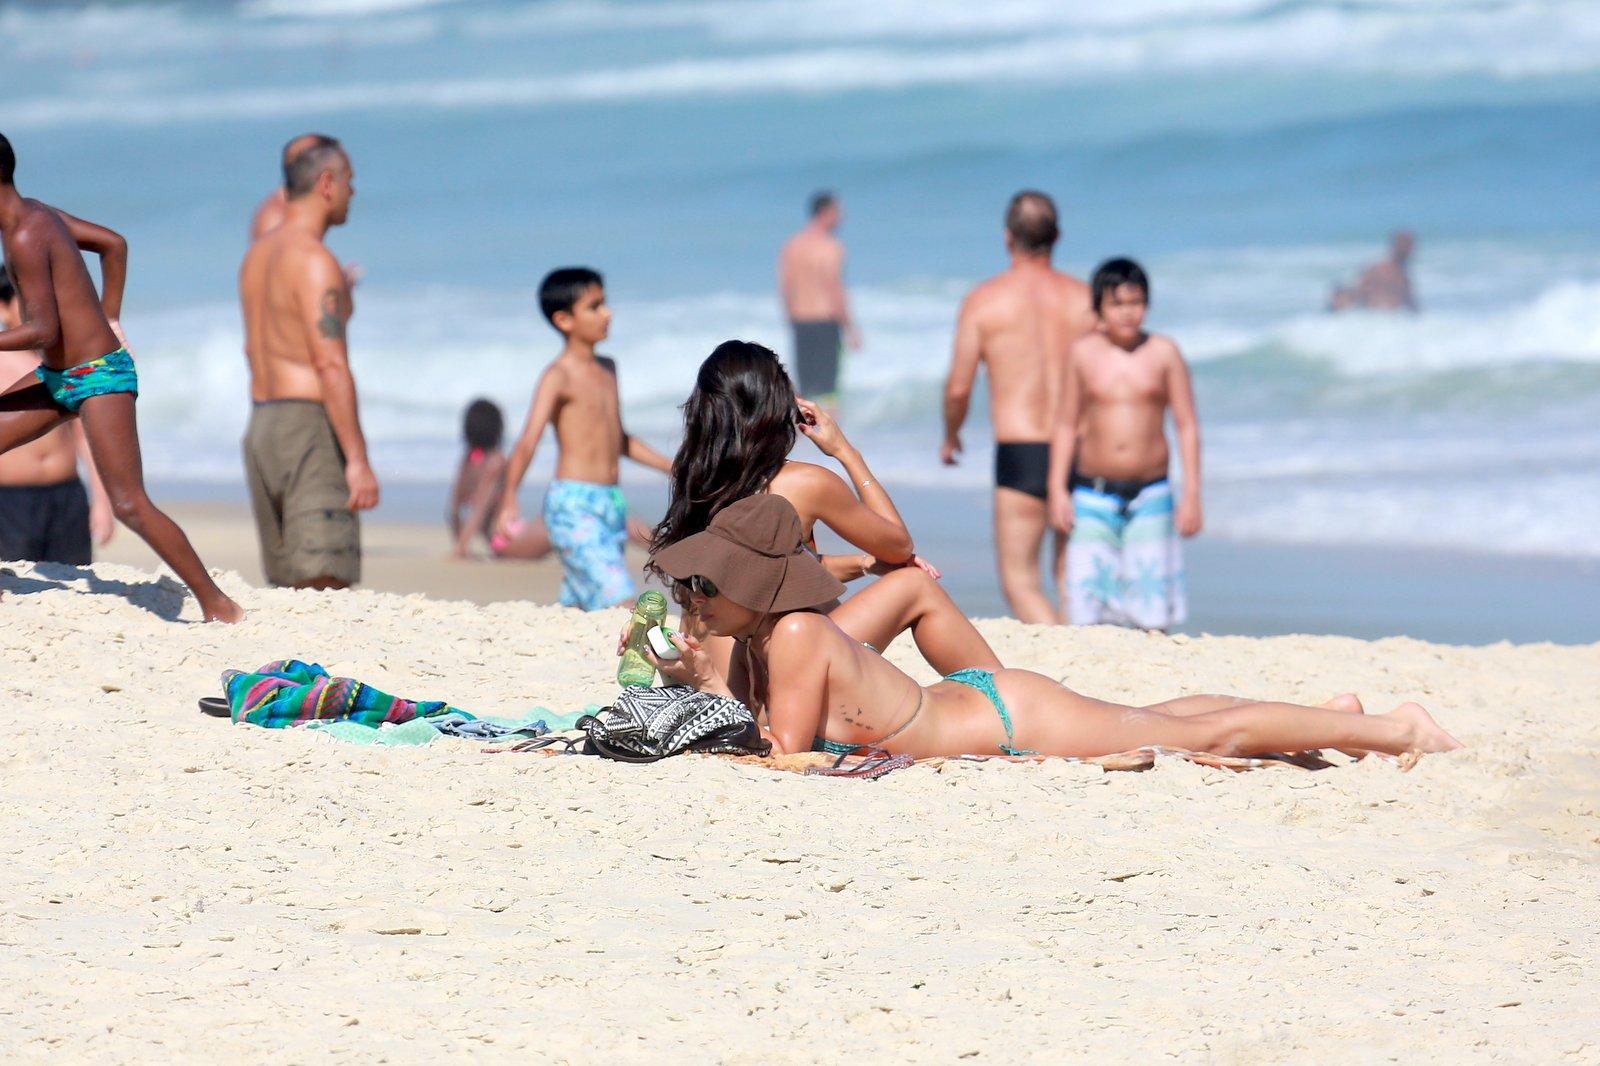 Grazi Massafera se bronzeia de biquíni de lacinho em praia ...